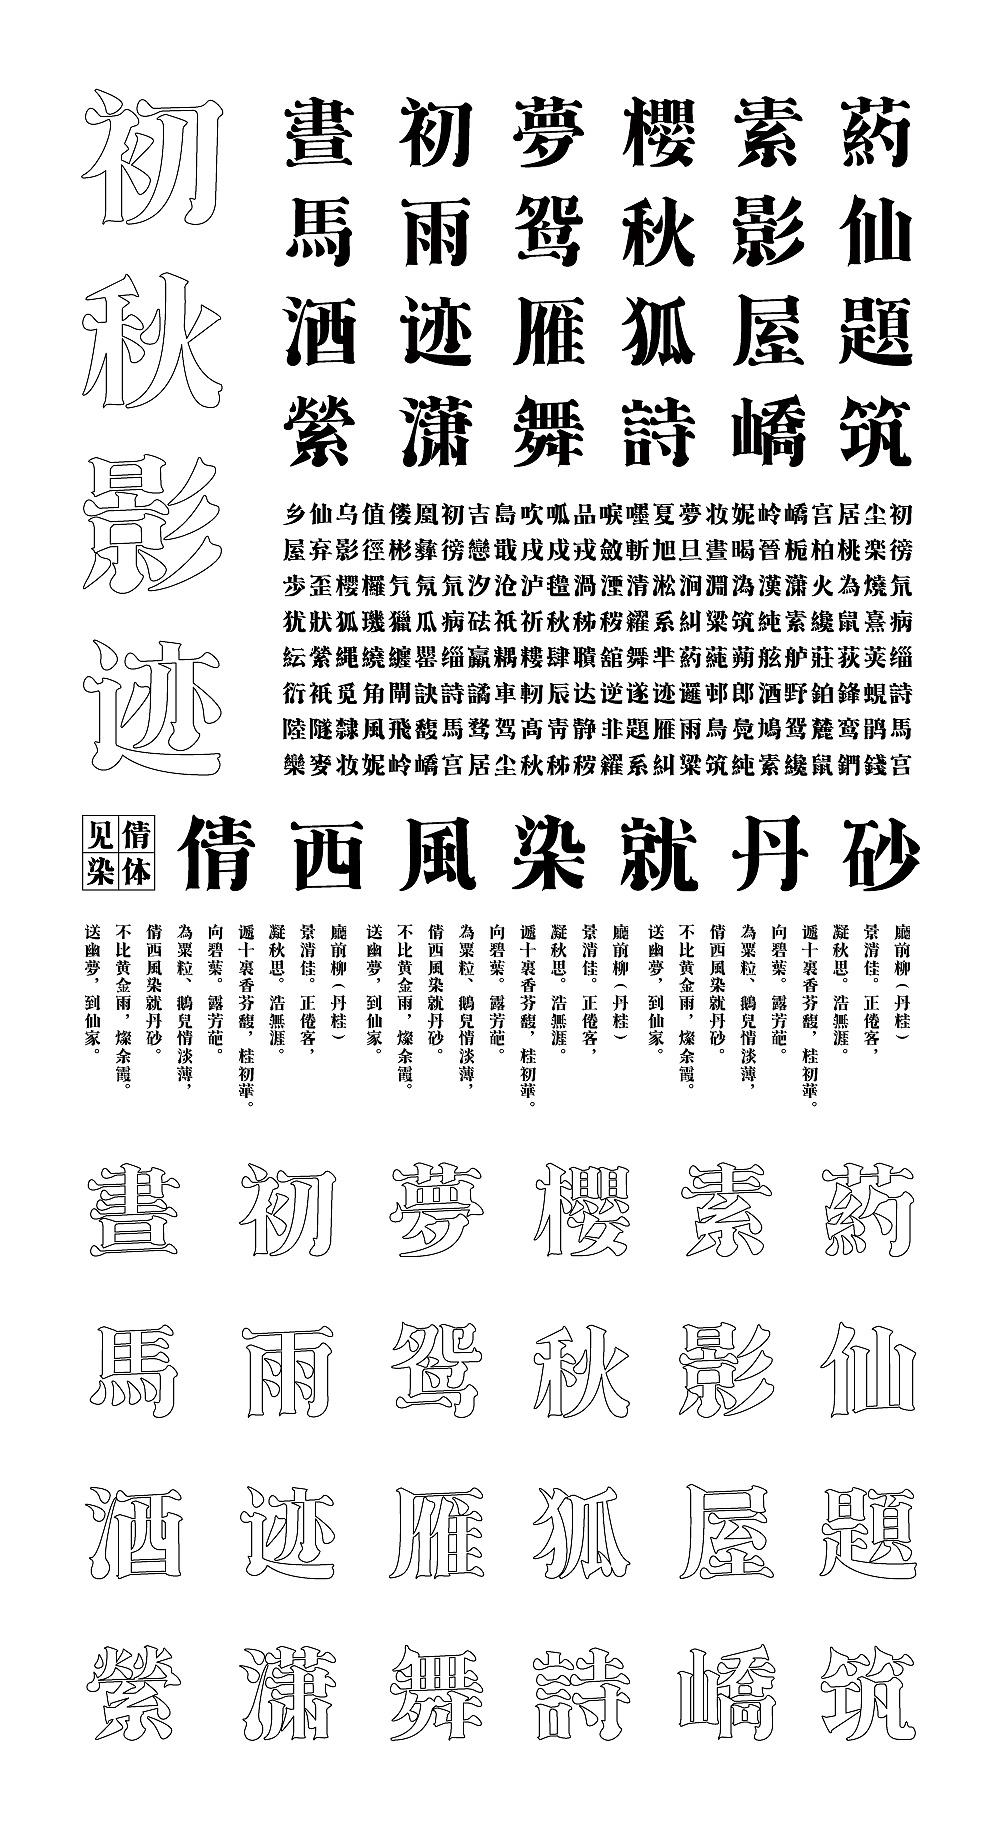 方正见倩染体附下载地址-深圳VI设计